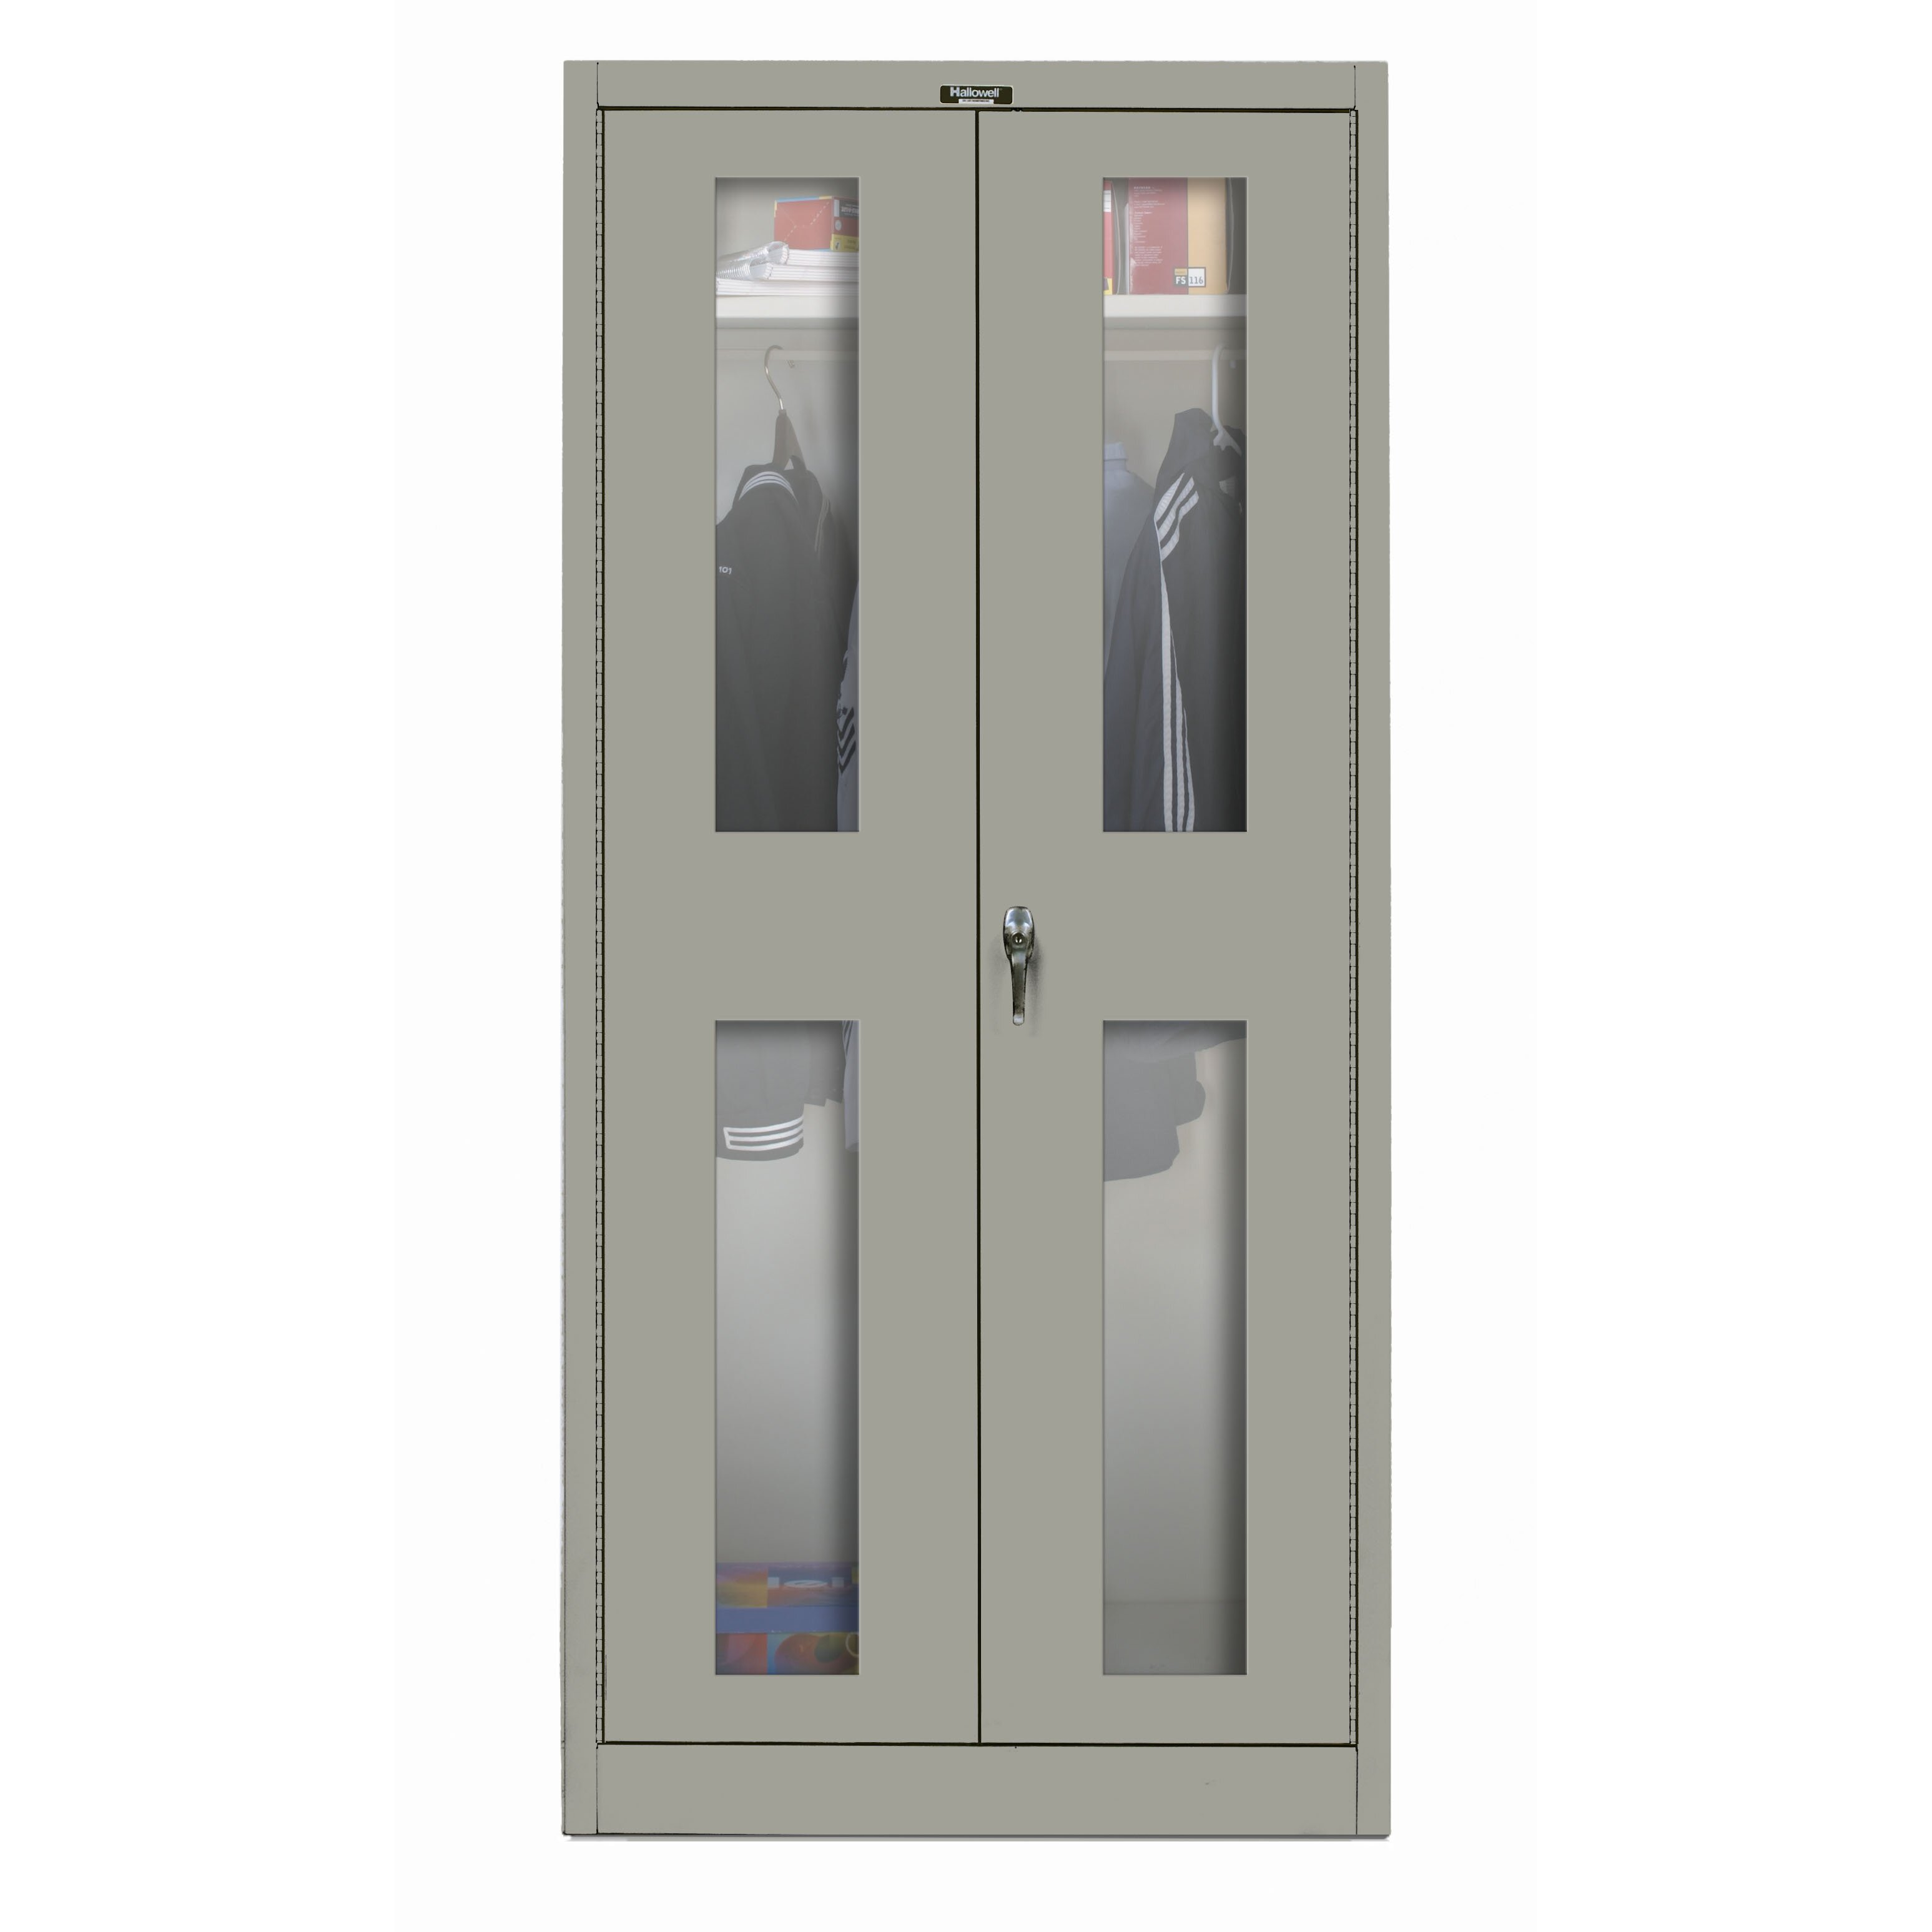 Hallowell 400 Series 72 Quot H X 48 Quot W X 24 Quot D Storage Cabinet